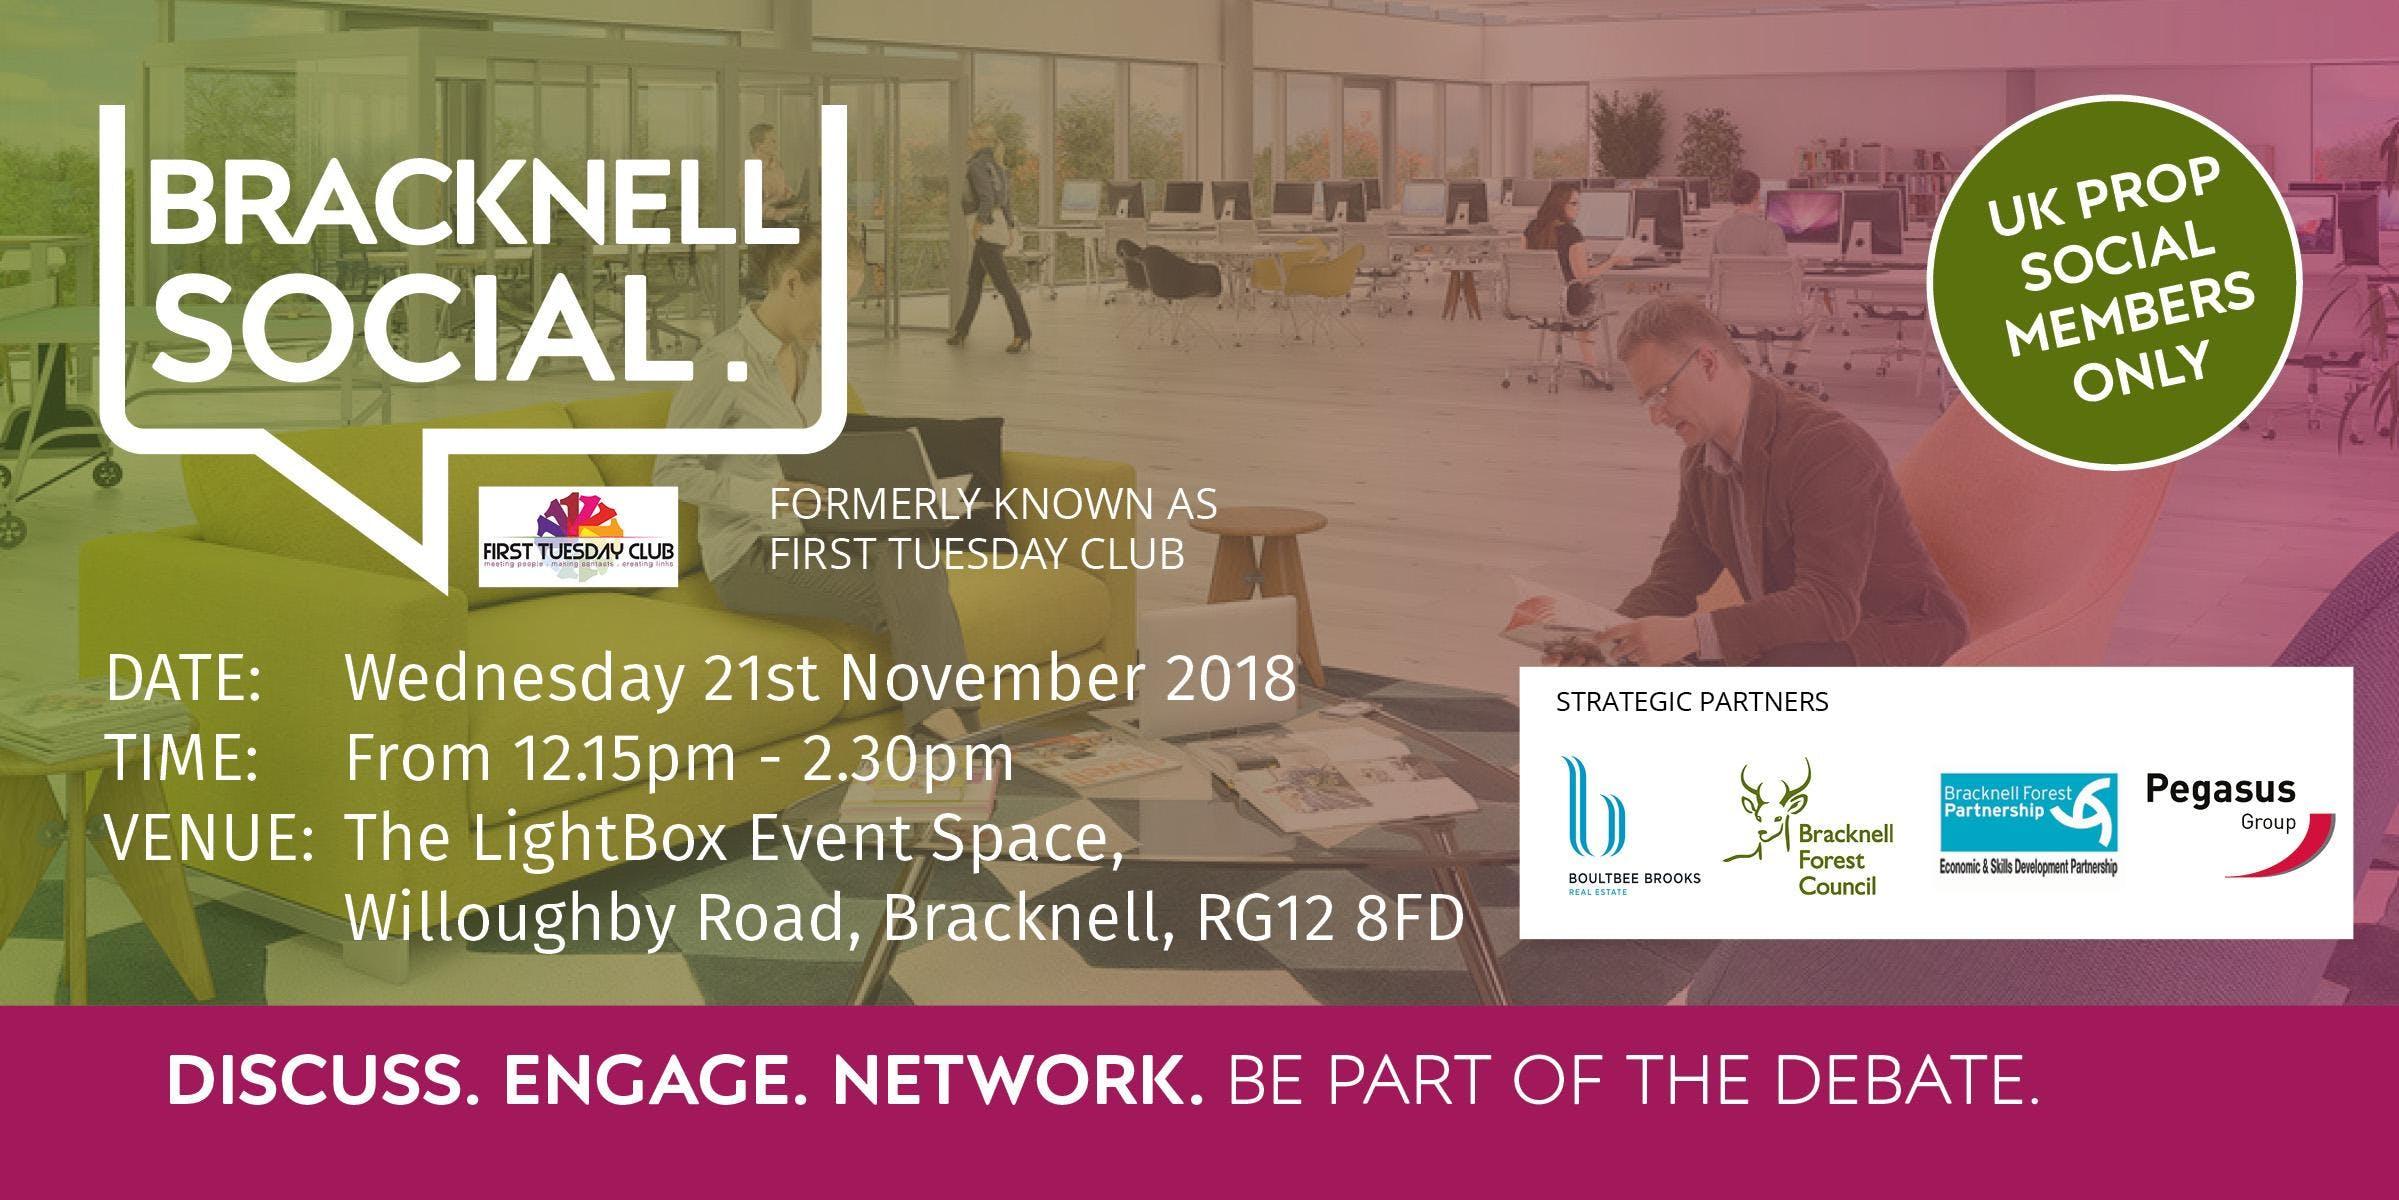 Bracknell Social